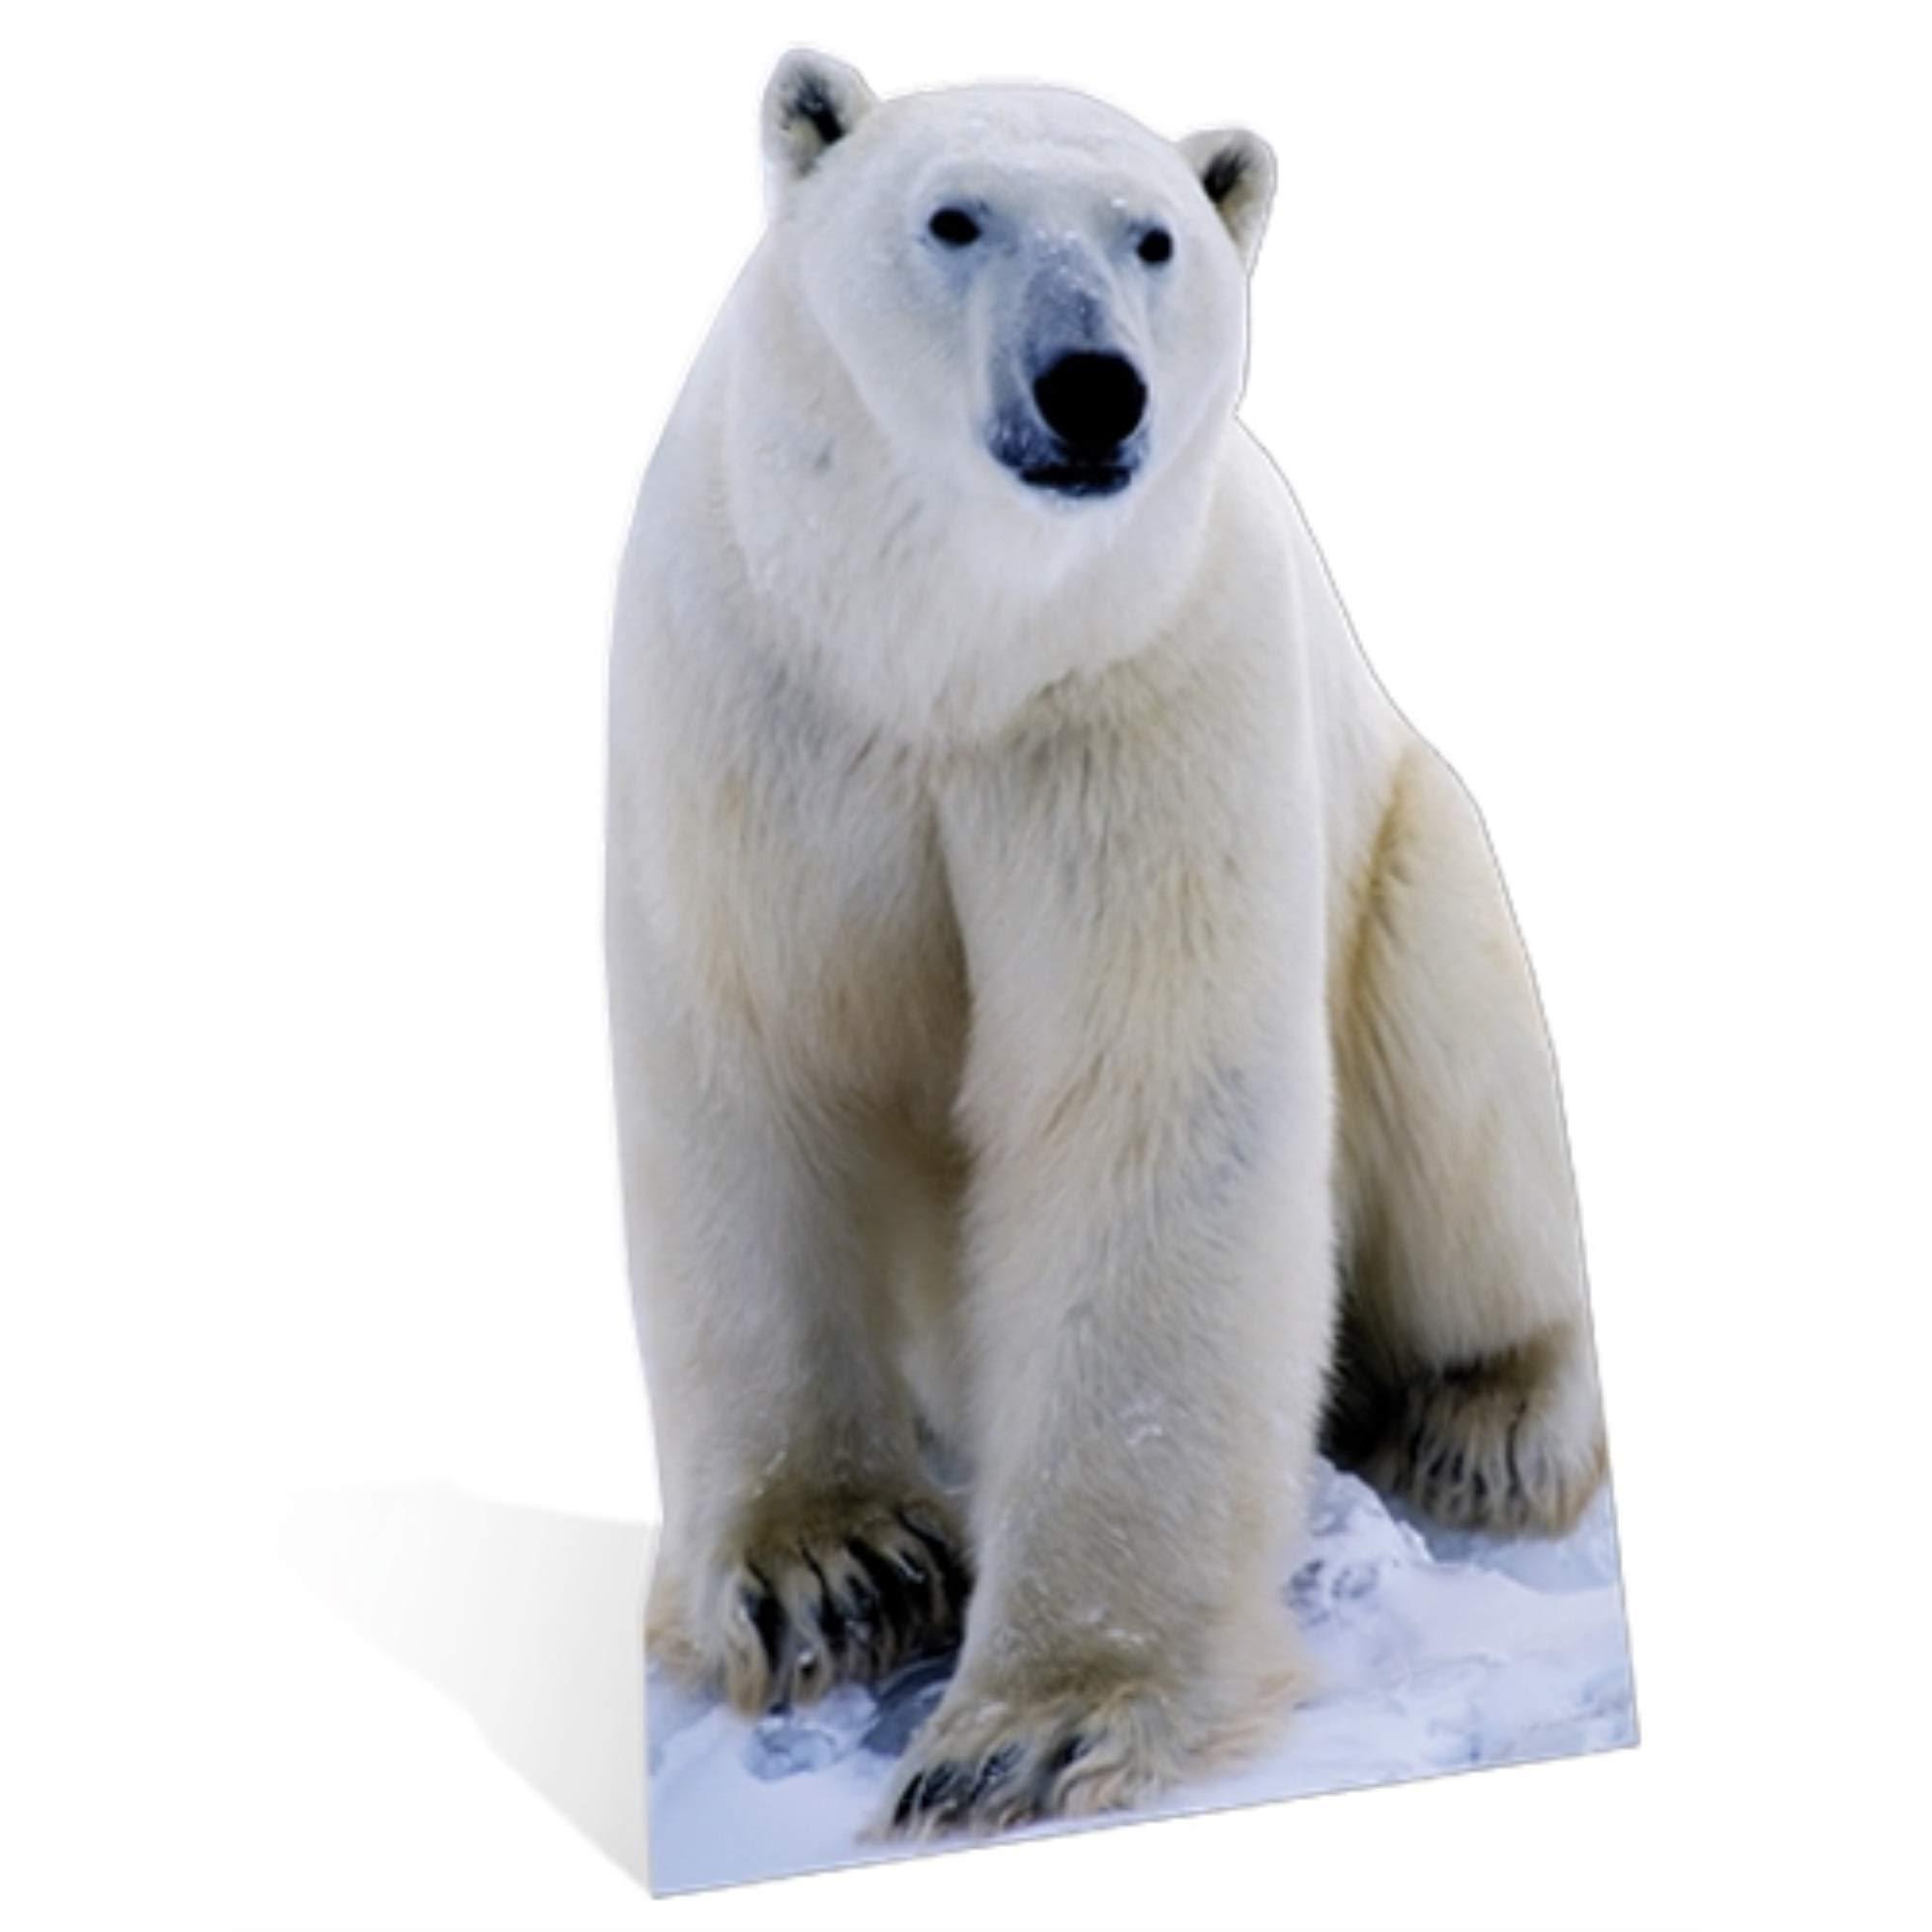 SC139 Polar Bear Cardboard Cutout Standup